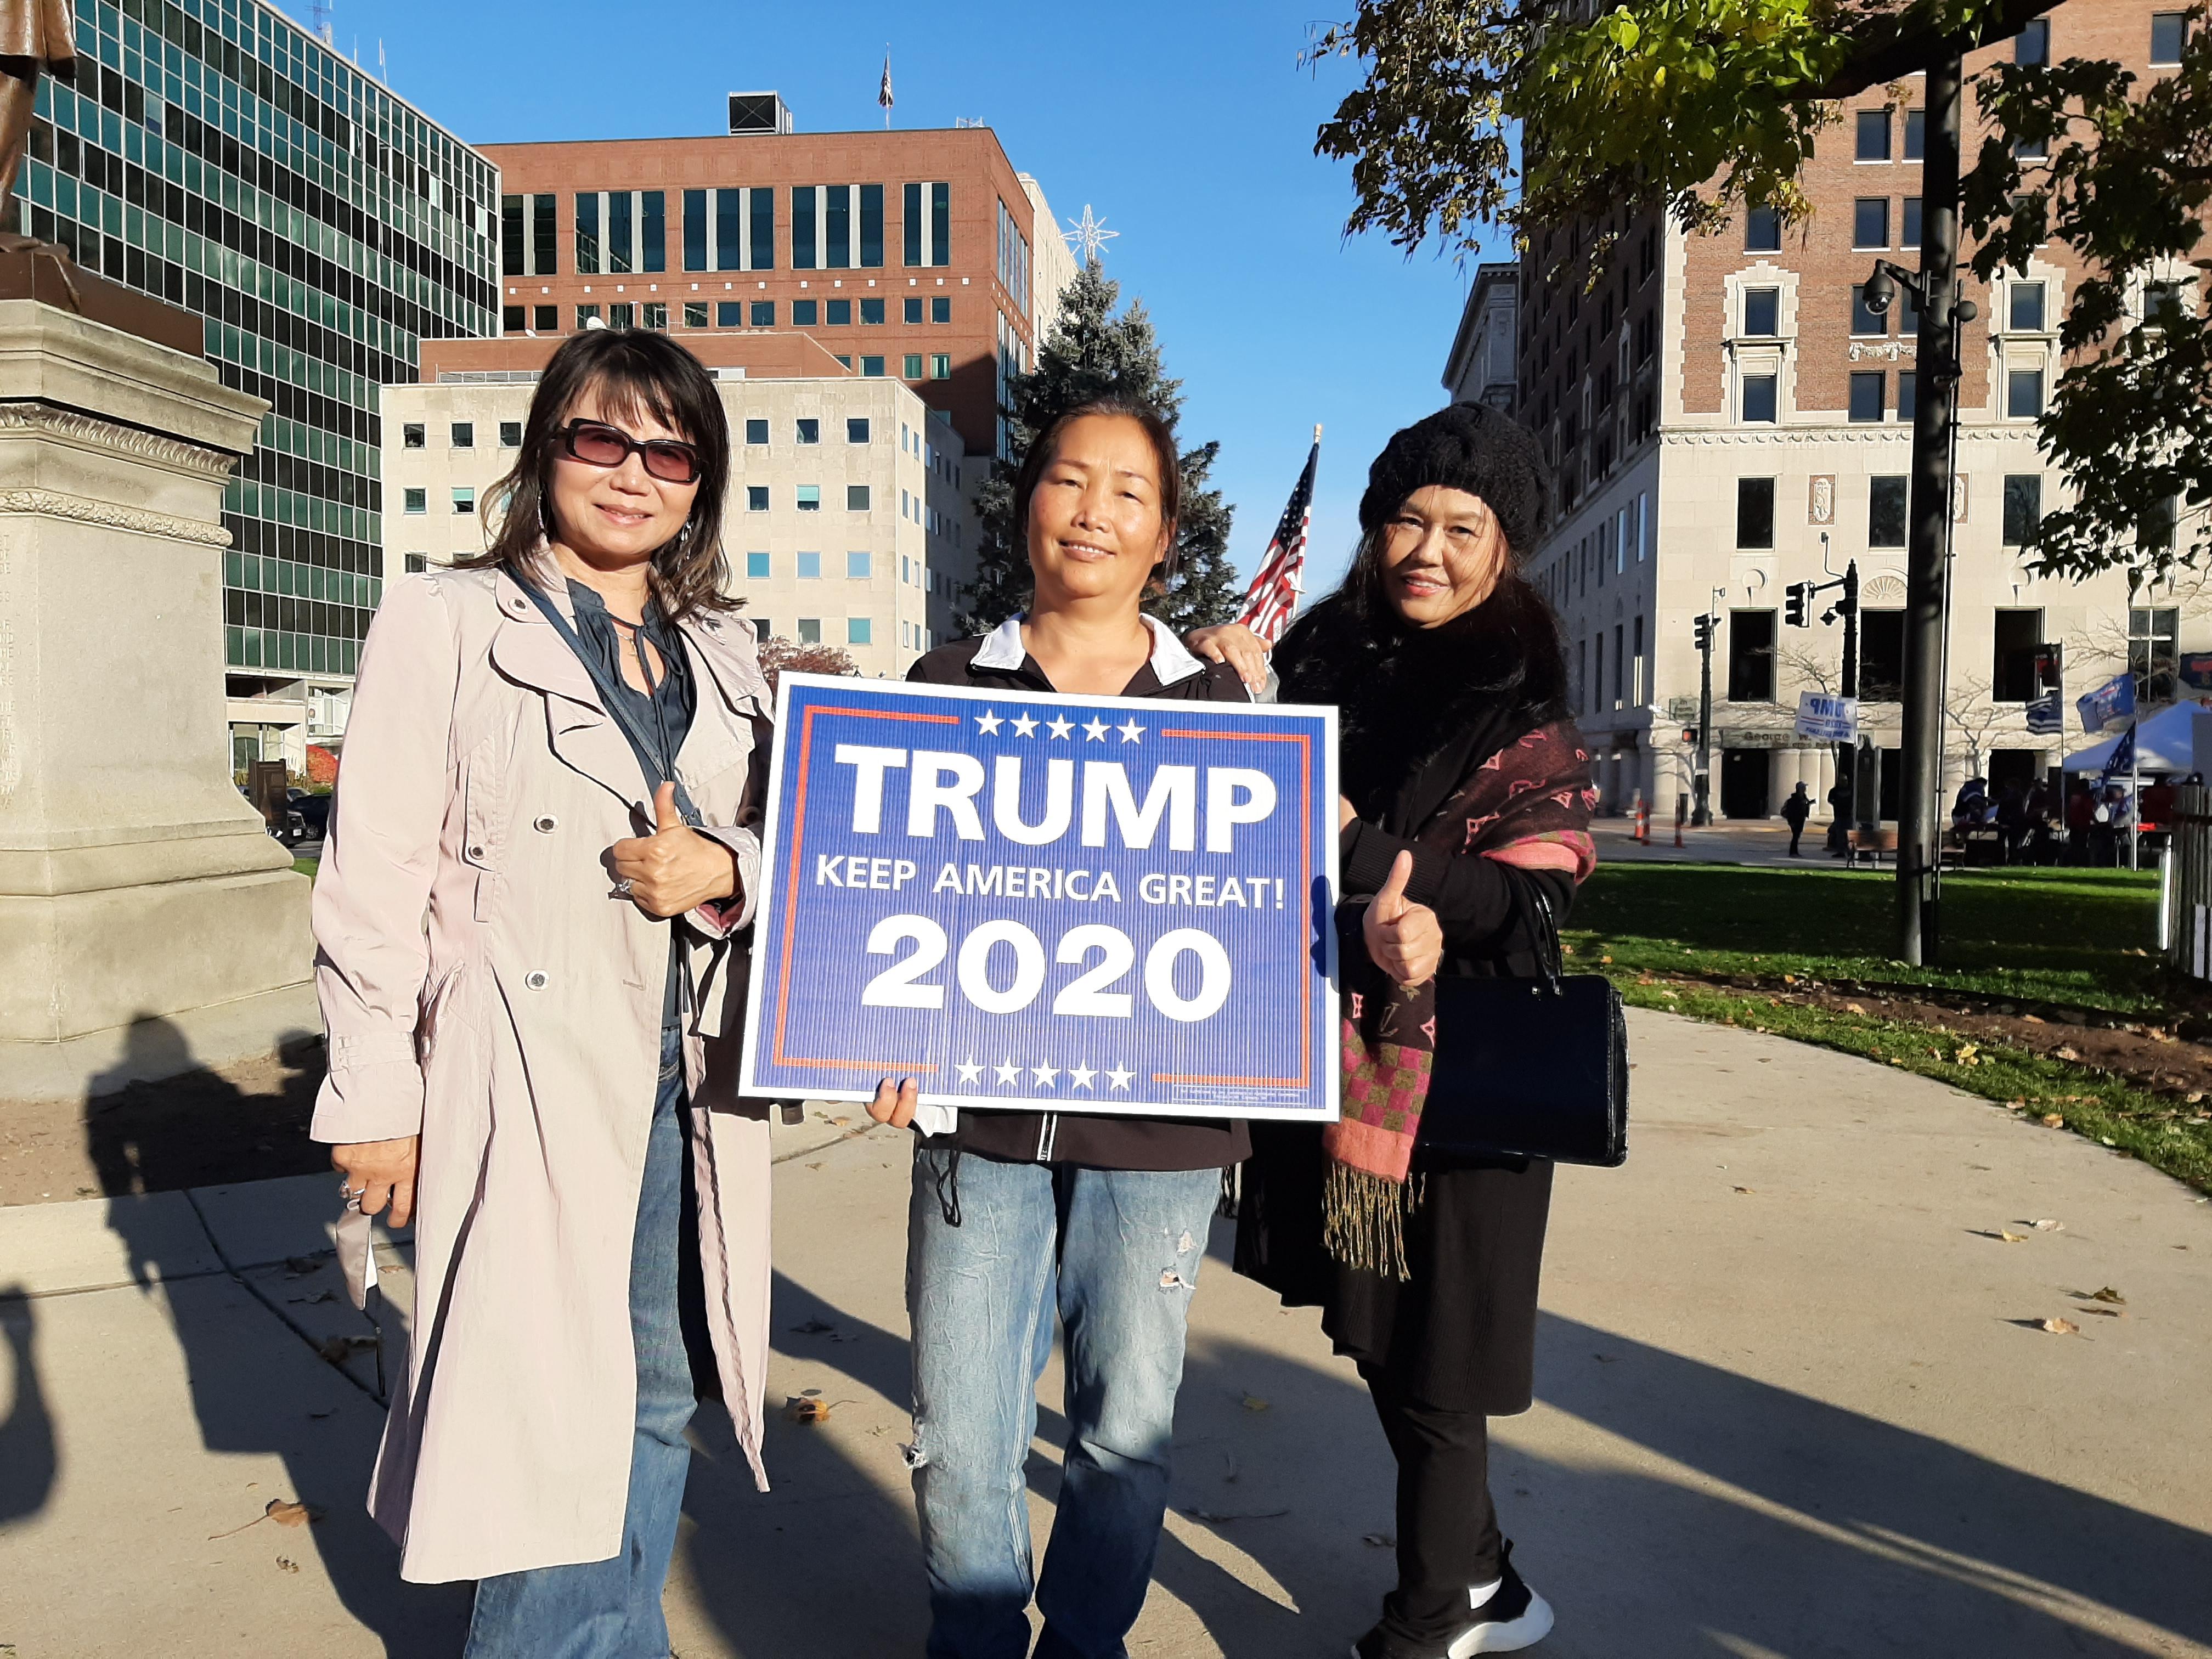 密歇根華人支持特朗普「要站在正義一方」